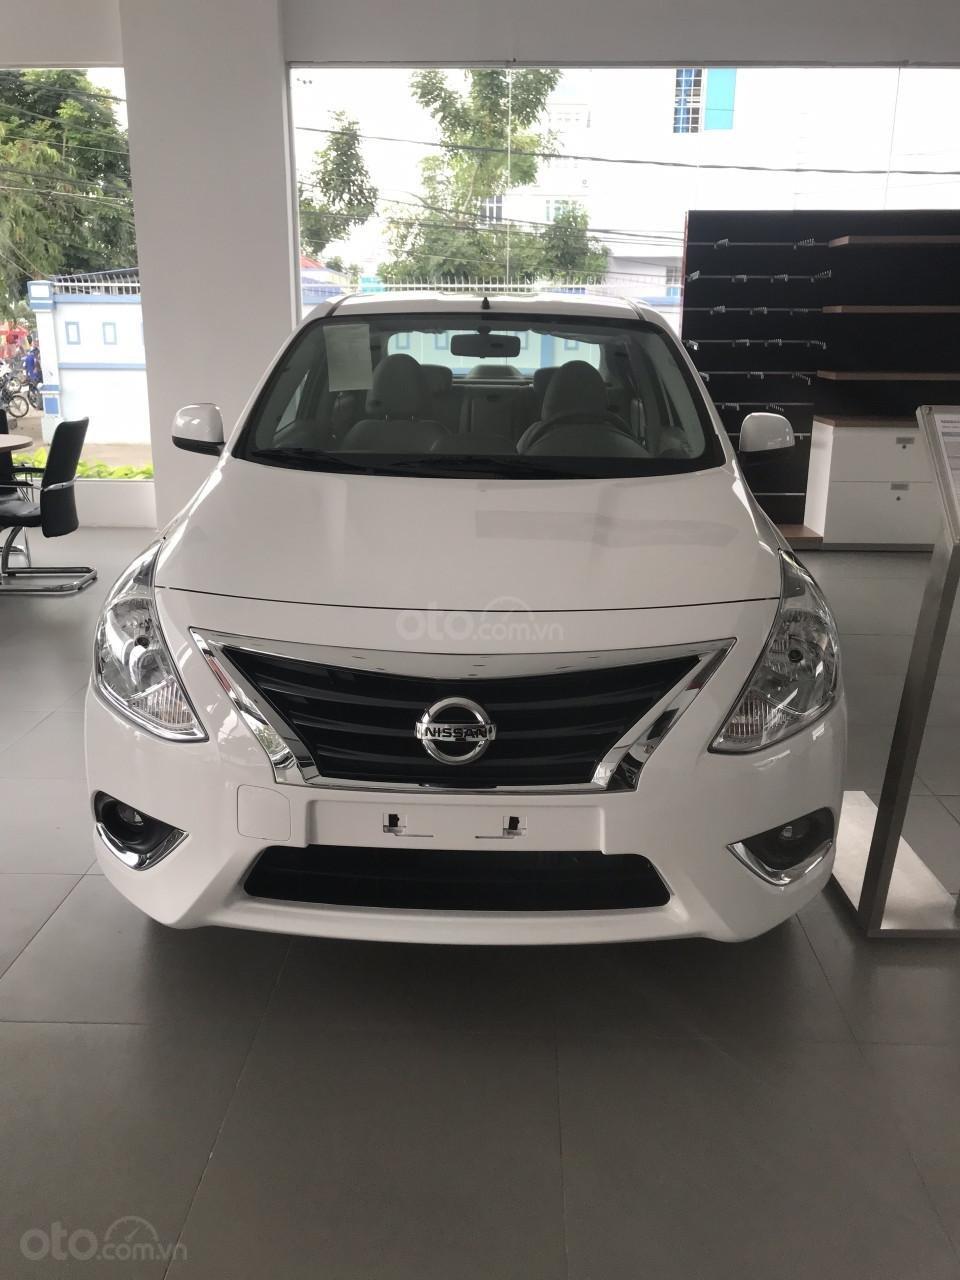 Bán Nissan Sunny XL 2019, màu trắng, giá 428tr-2